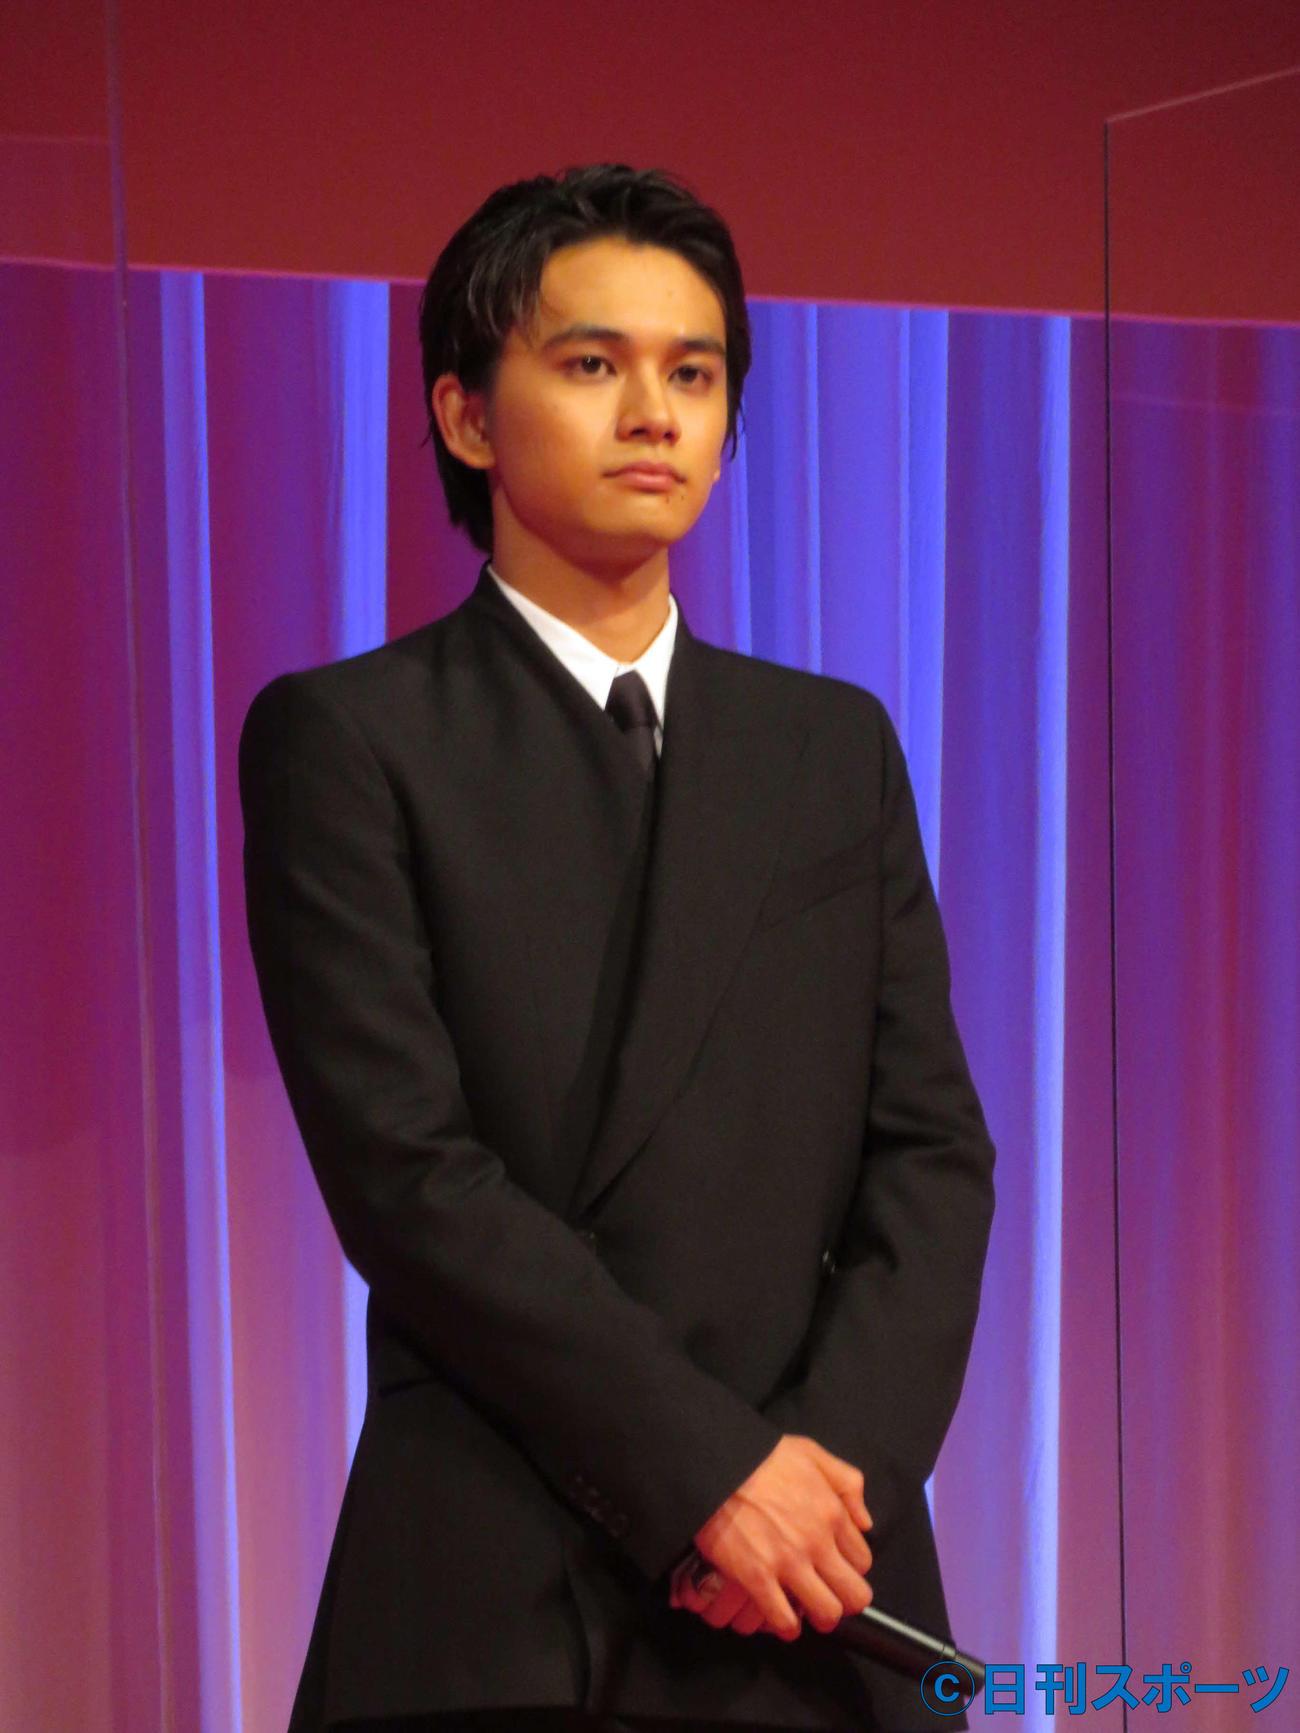 東京国際映画祭オープニングセレモニーに、オープニング作品「アンダードッグ」の出演者として登壇した北村匠海(撮影・村上幸将)